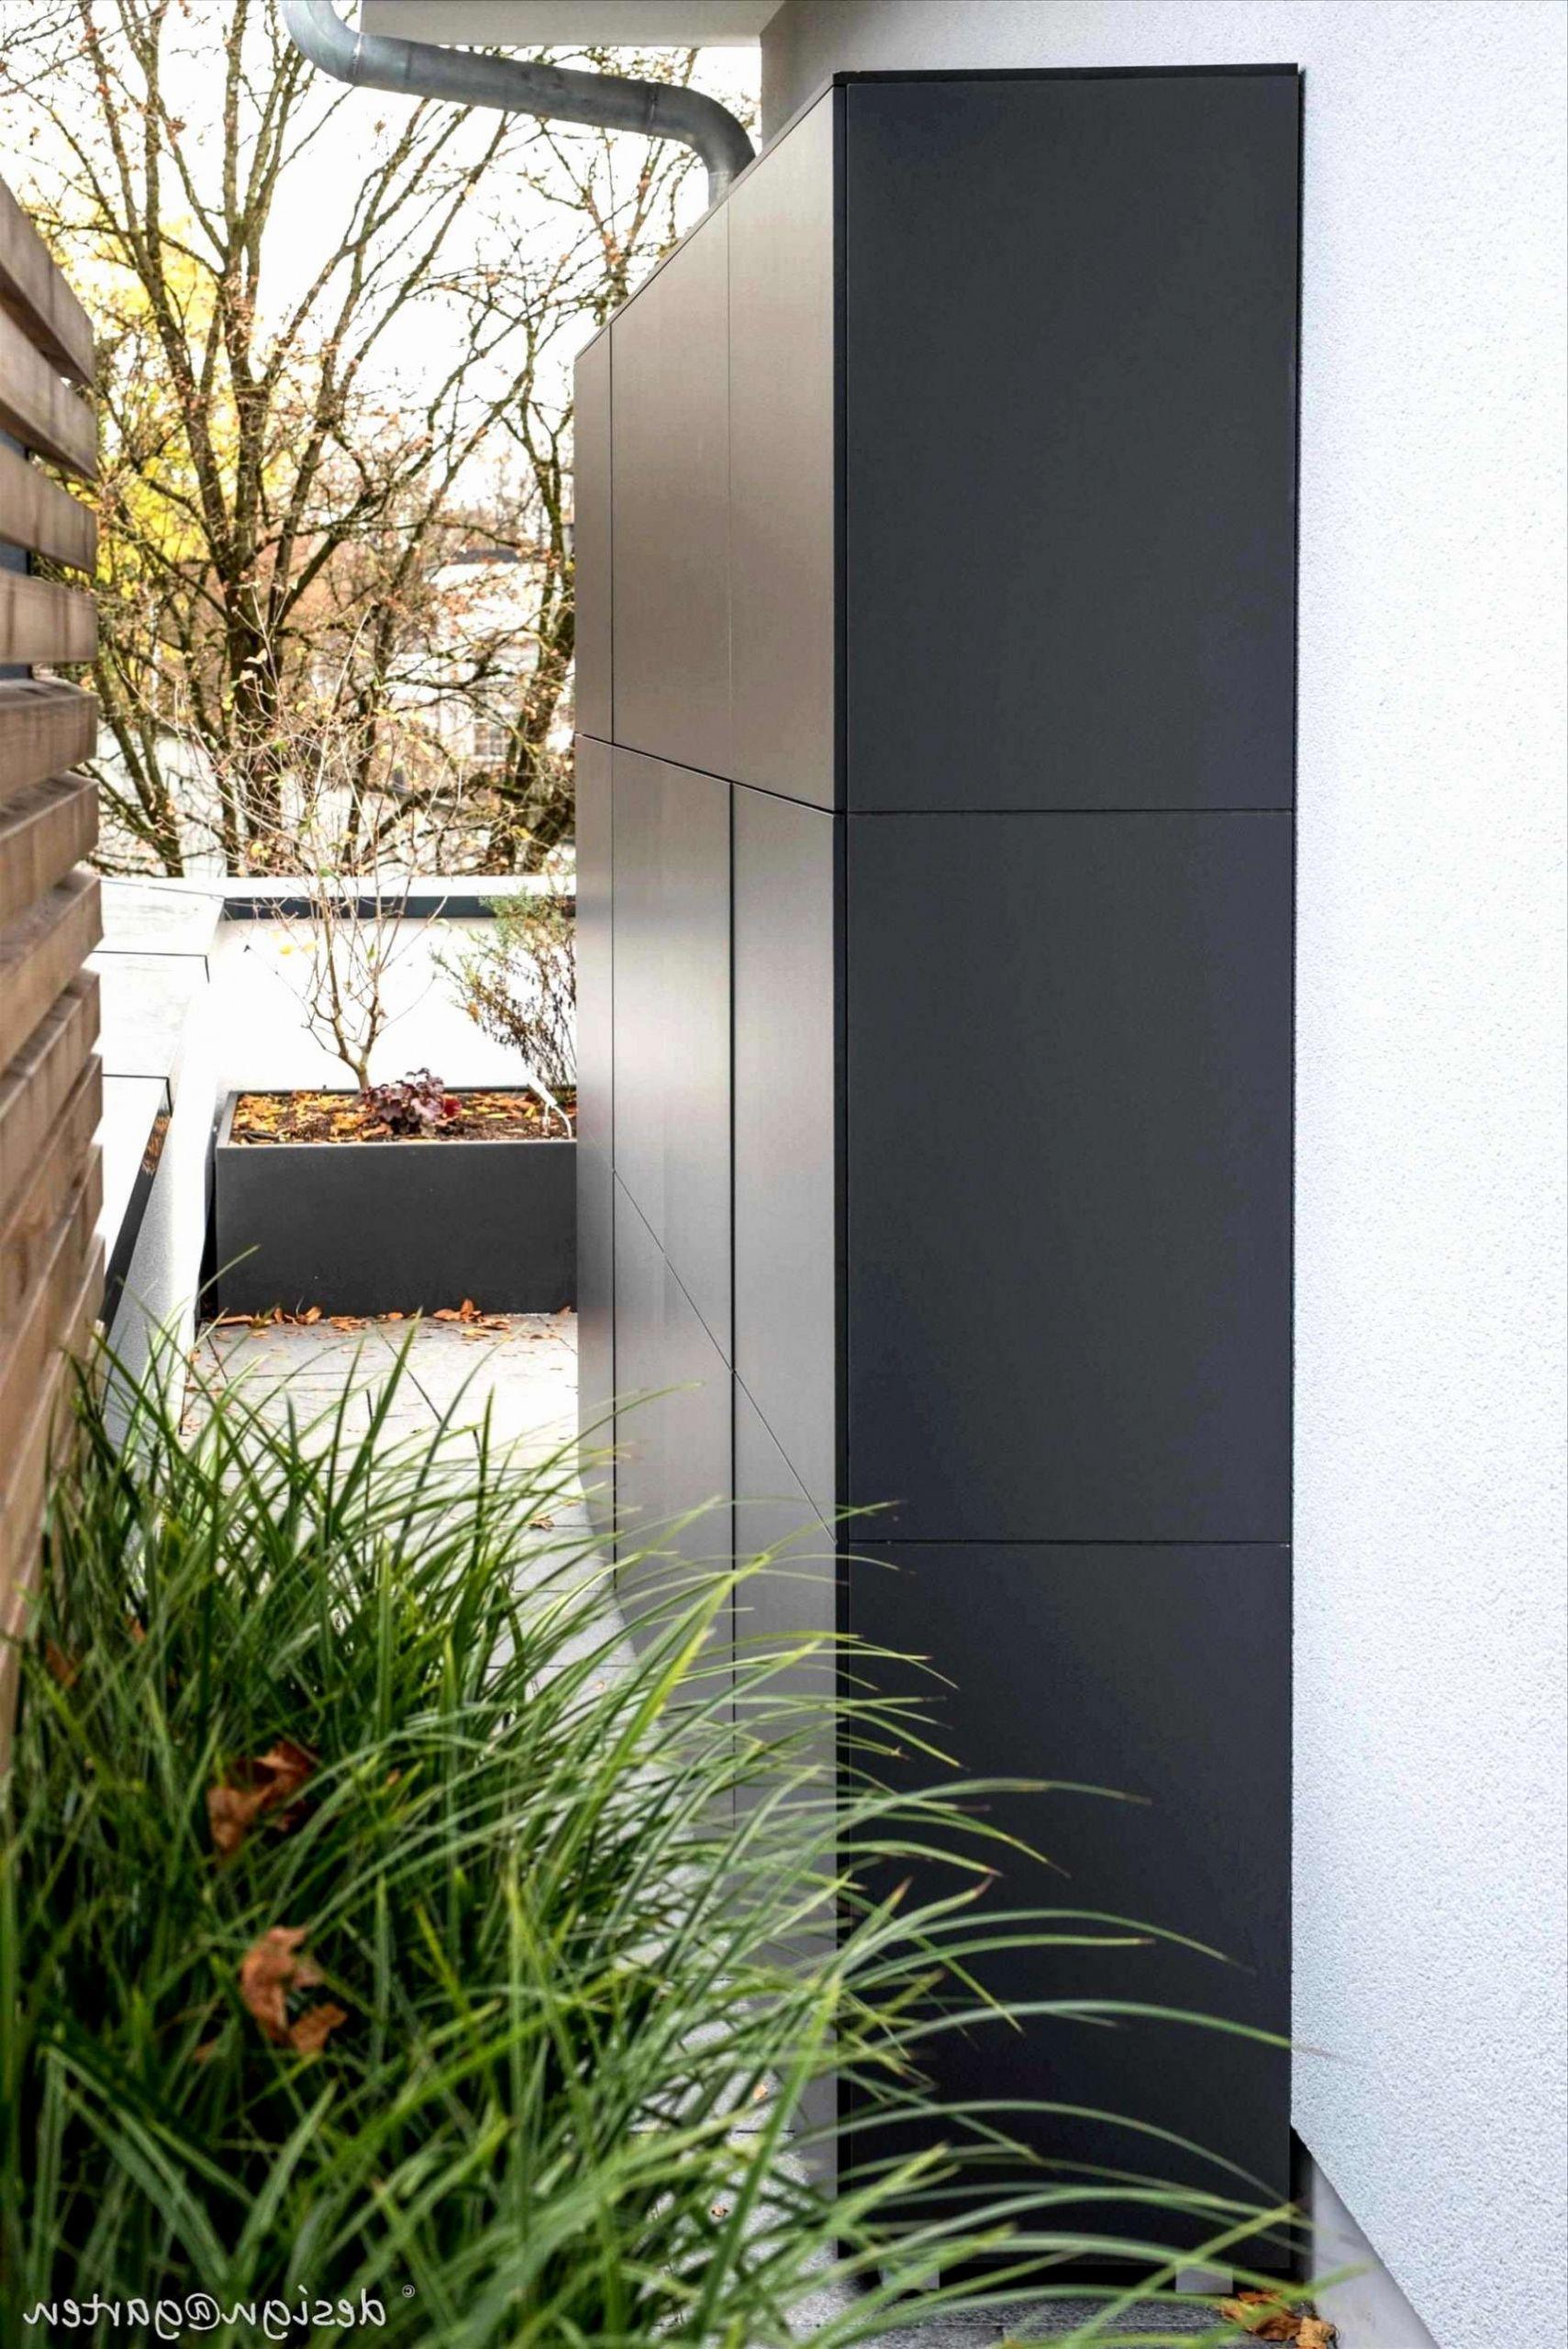 Deko Ideen Selber Machen Garten Inspirierend Deko Ideen Selber Machen Garten — Temobardz Home Blog